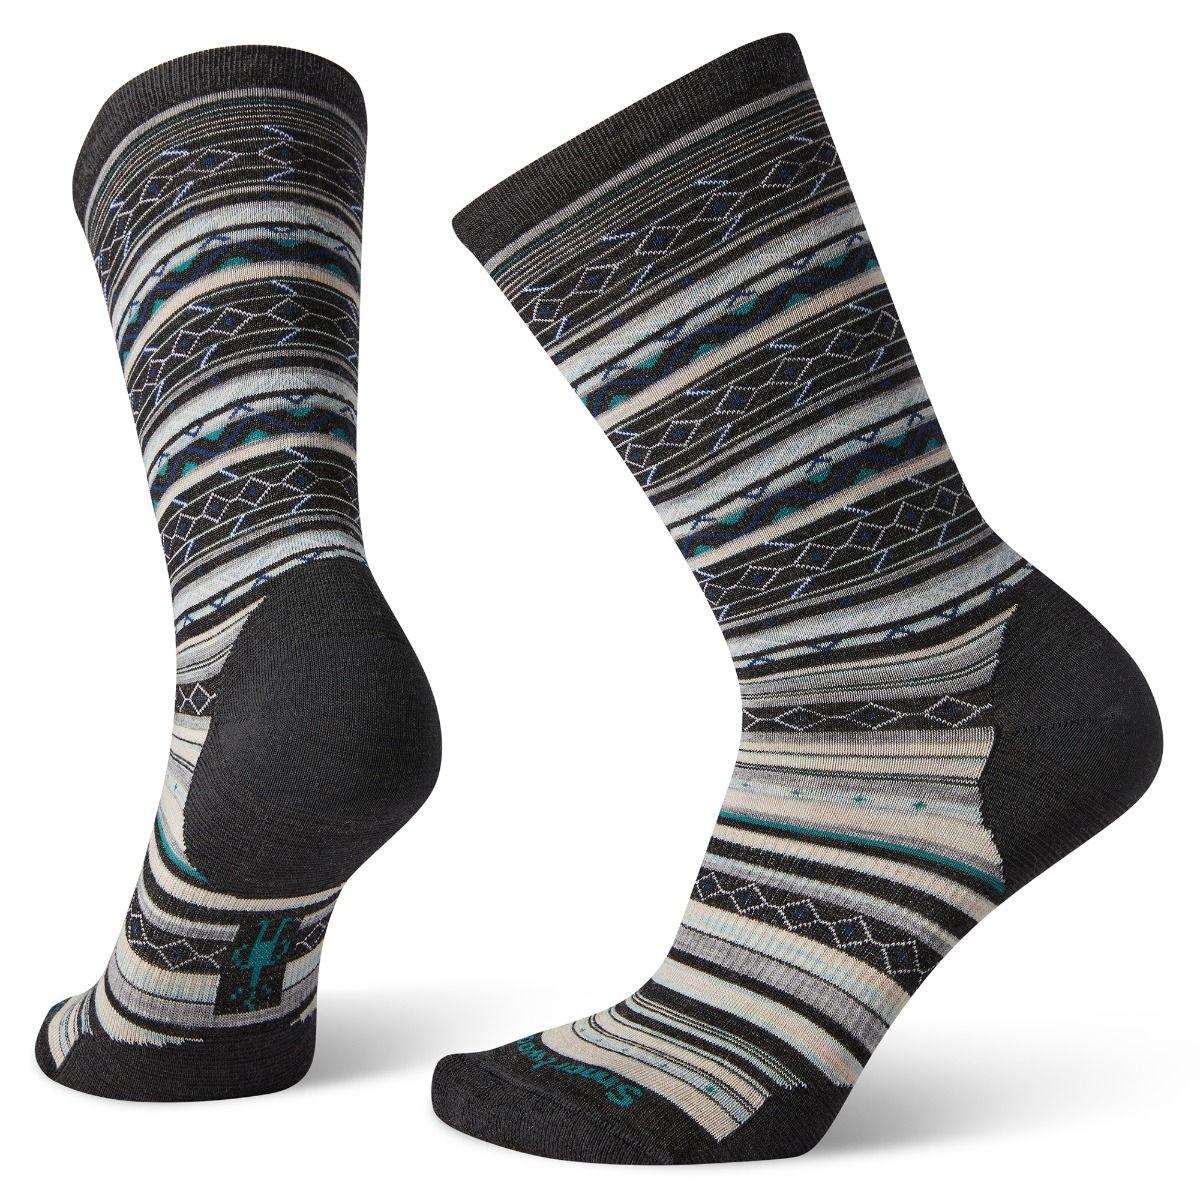 Women's Ethno Graphic Crew Socks